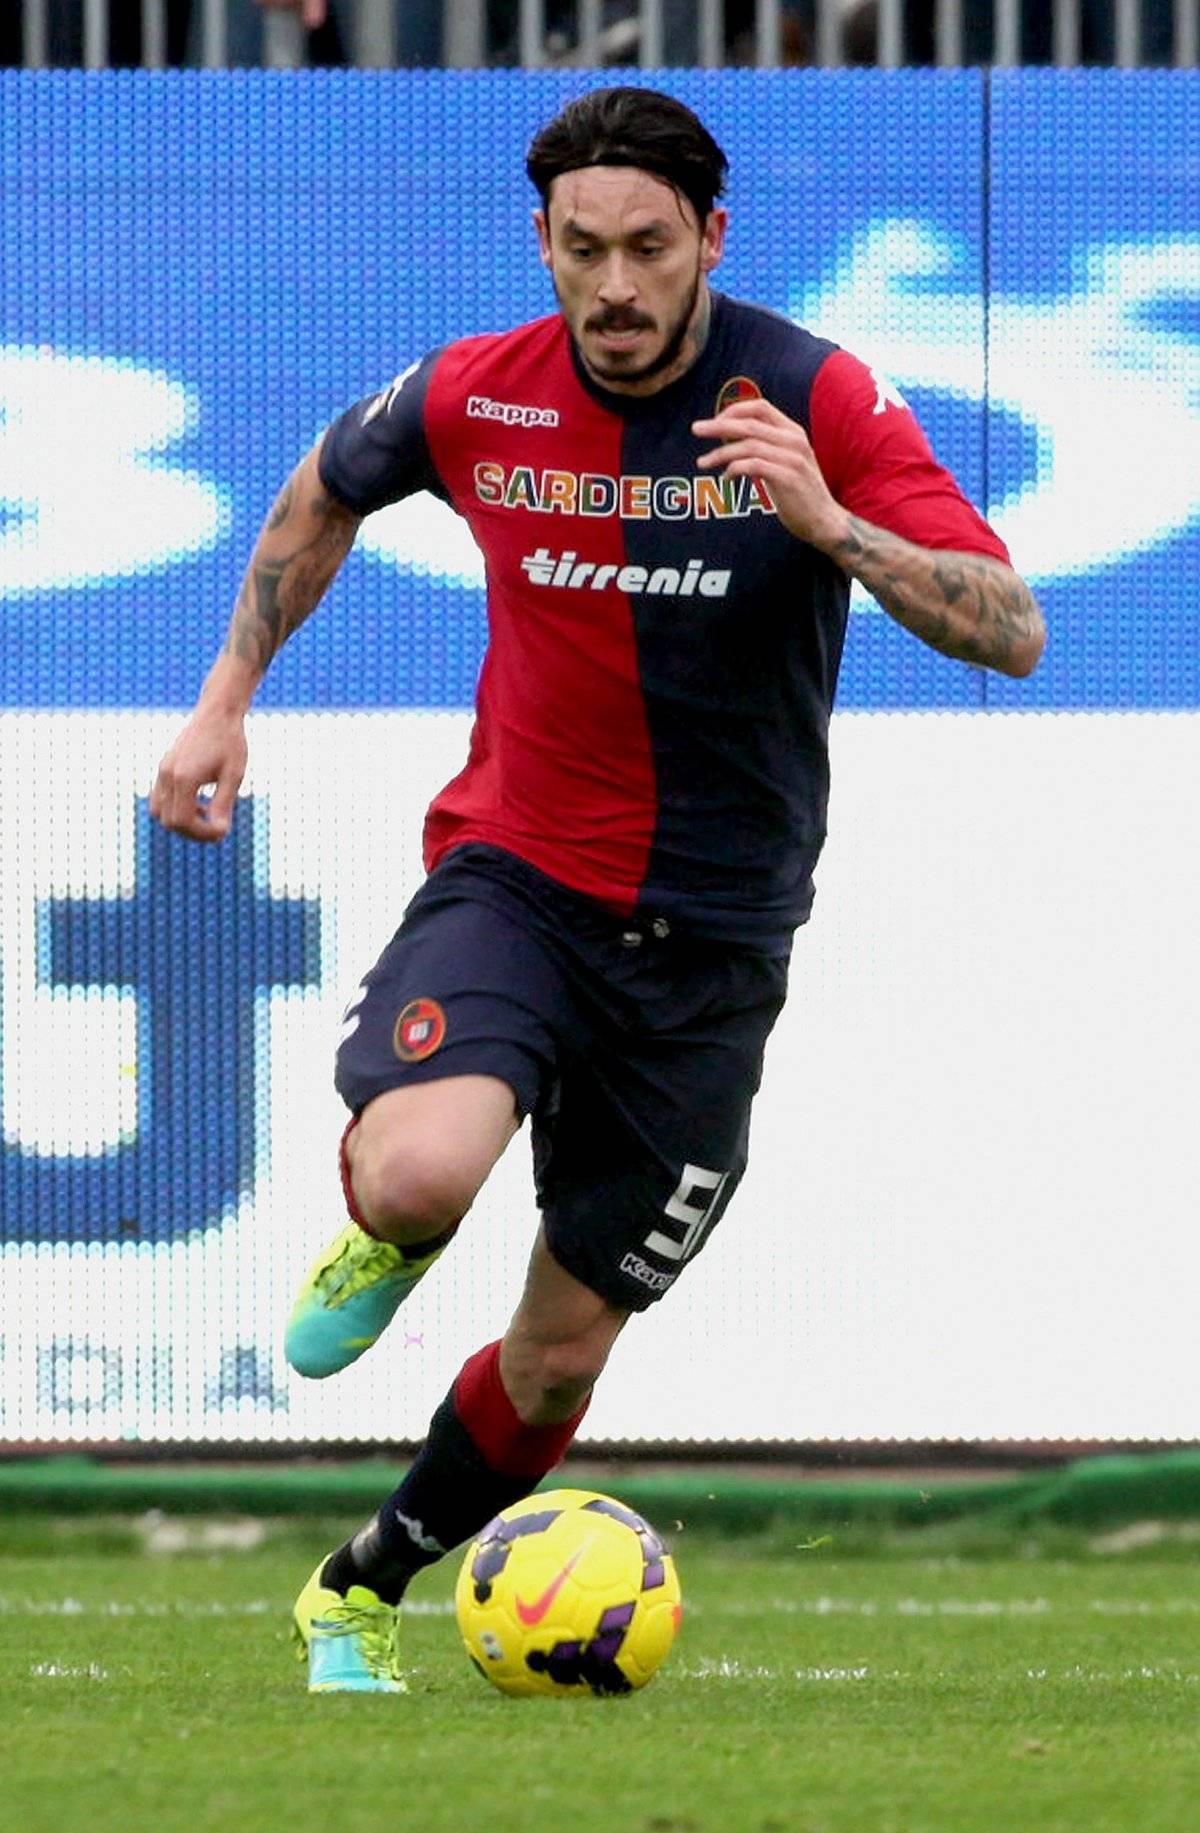 Pinilla defendiendo la camiseta del Cagliari Calcio / Getty Images